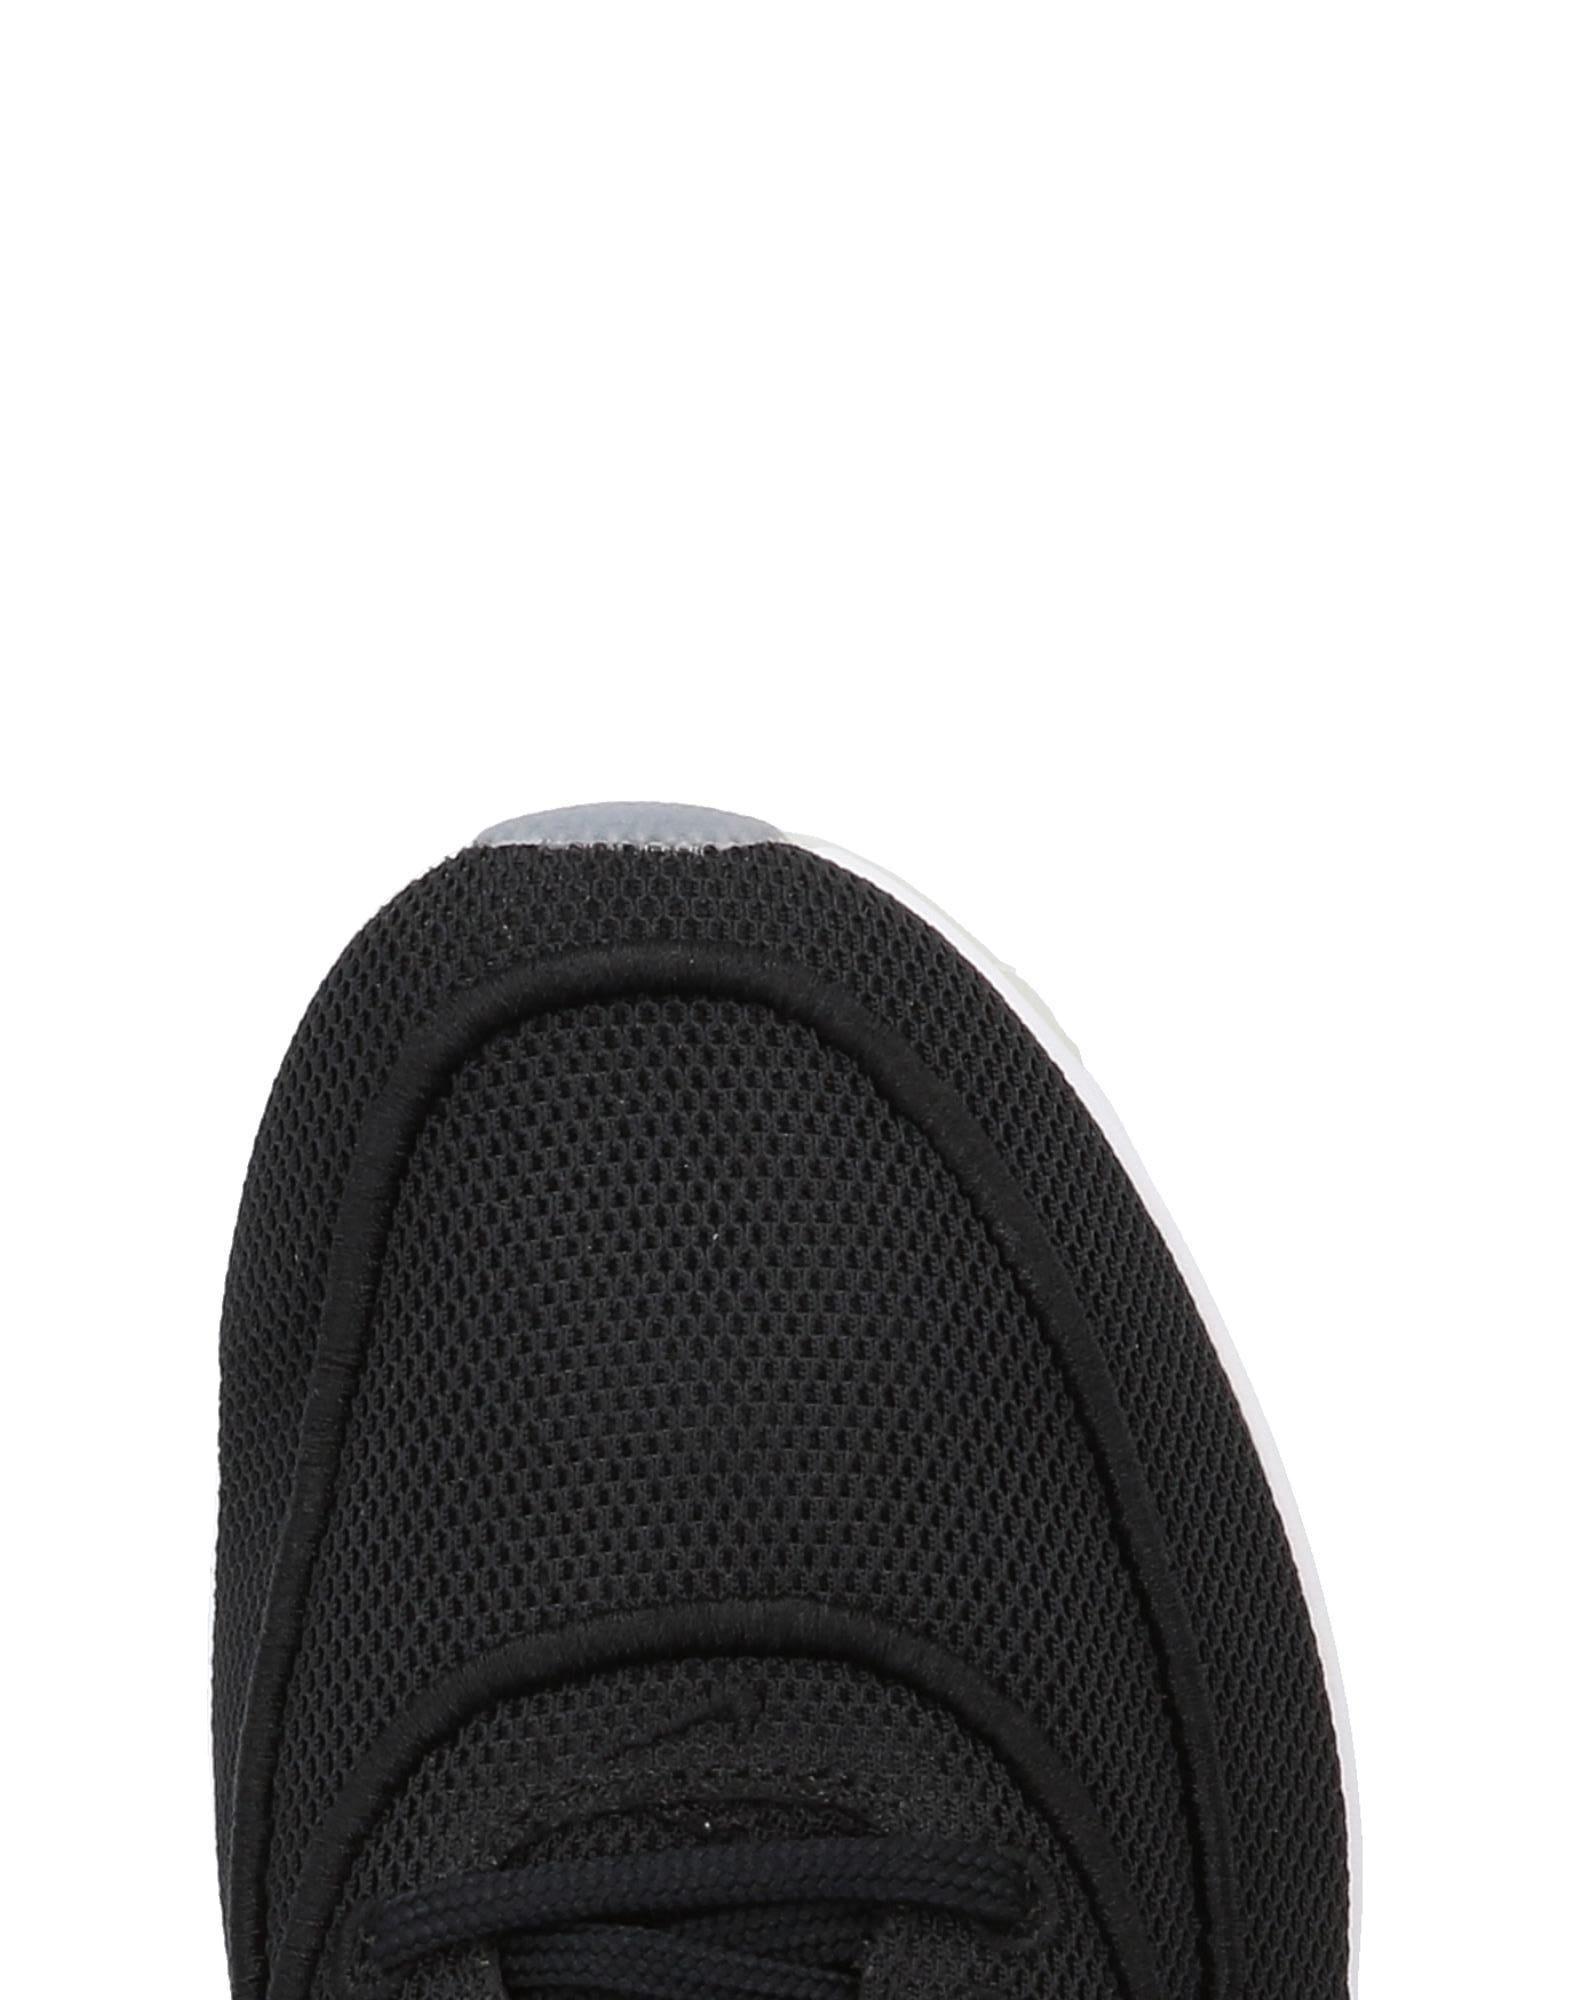 Nike Preis-Leistungs-Verhältnis, Sneakers Damen Gutes Preis-Leistungs-Verhältnis, Nike es lohnt sich 76984b